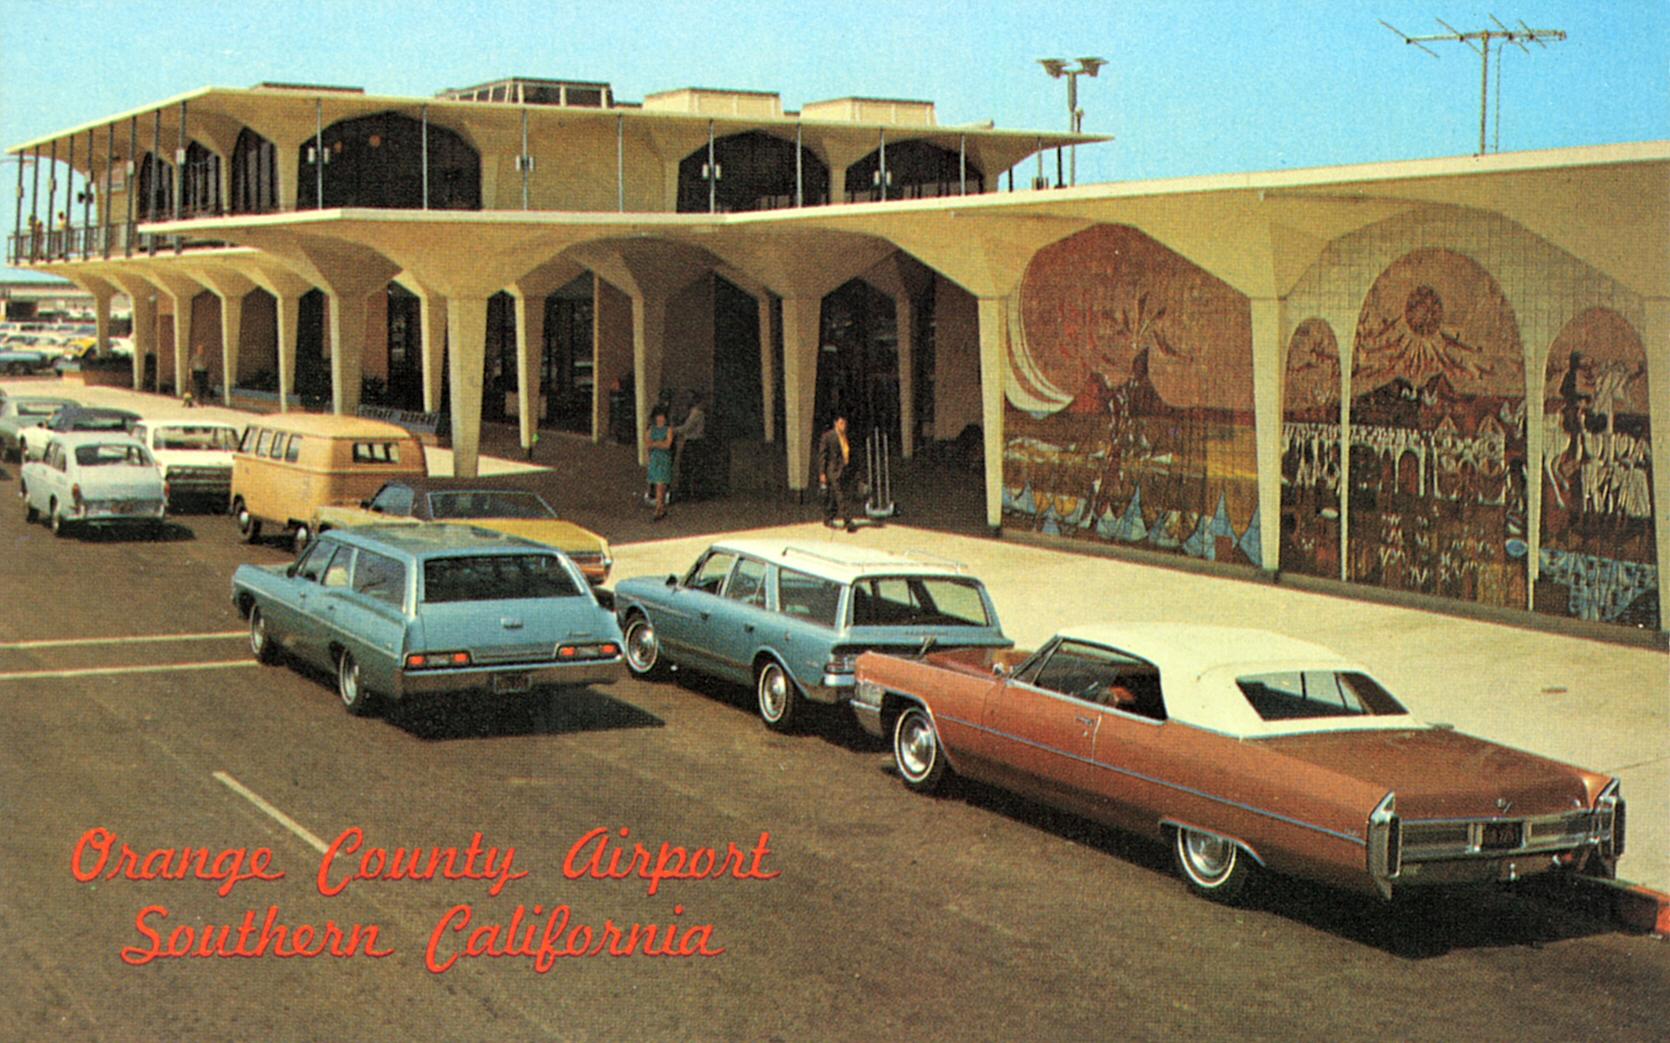 Orange County Airport Car Rental Reviews